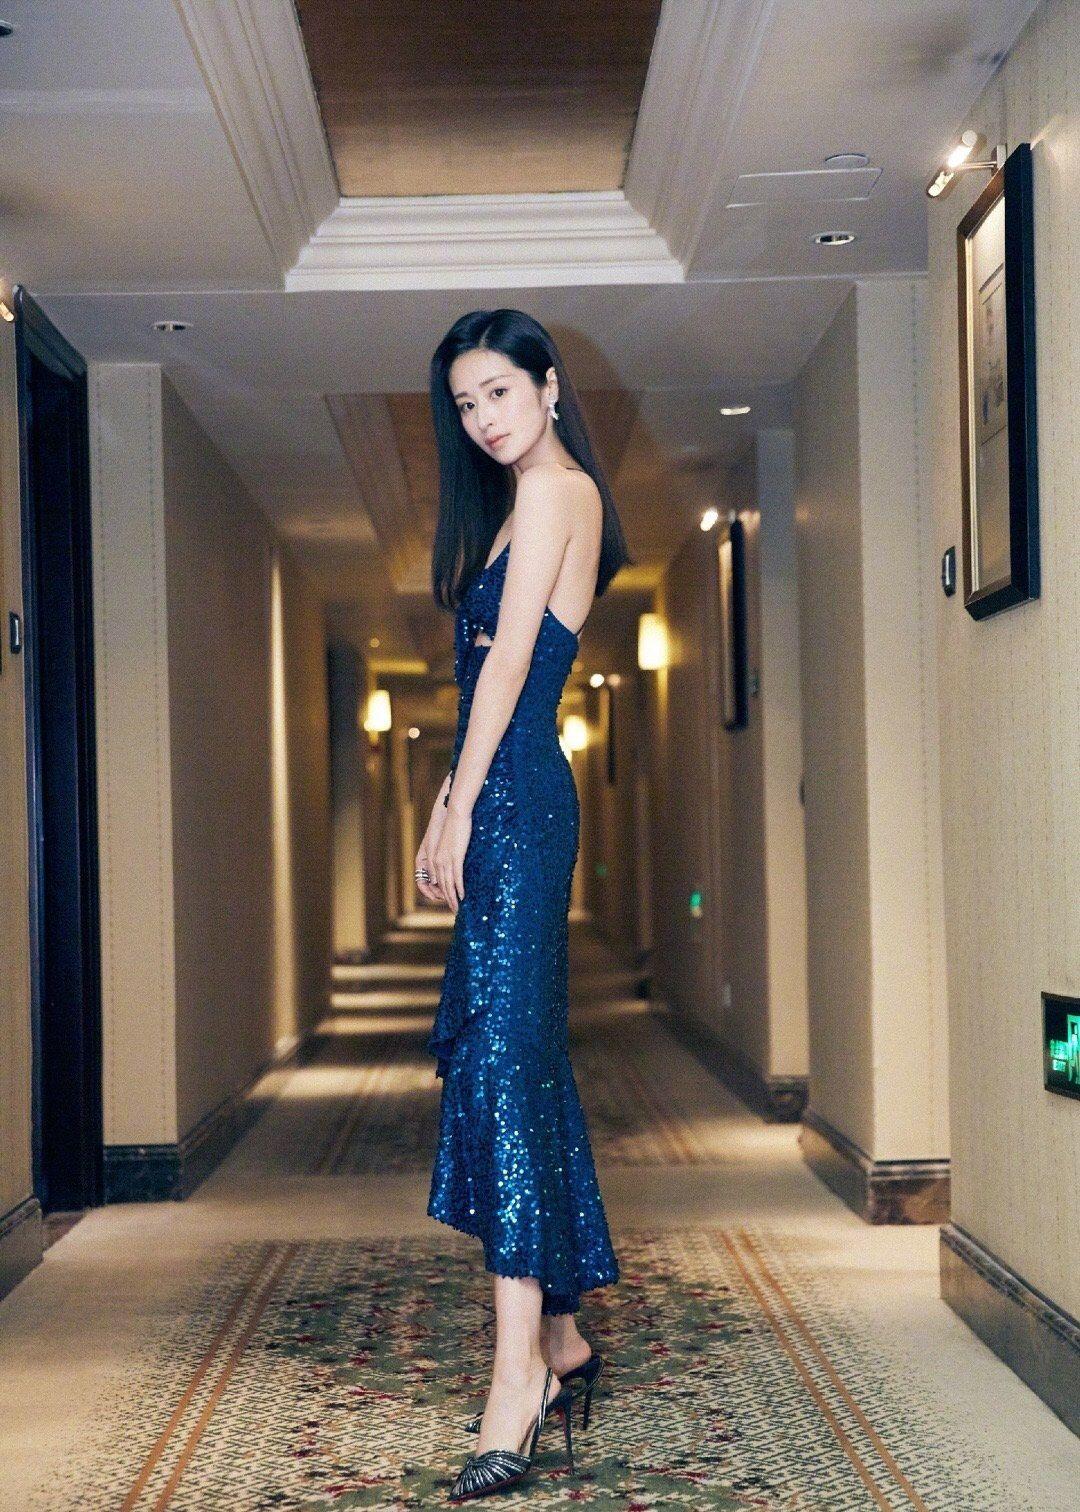 图集:颖儿活动新造型,湛蓝星河鱼尾裙尽显好身材